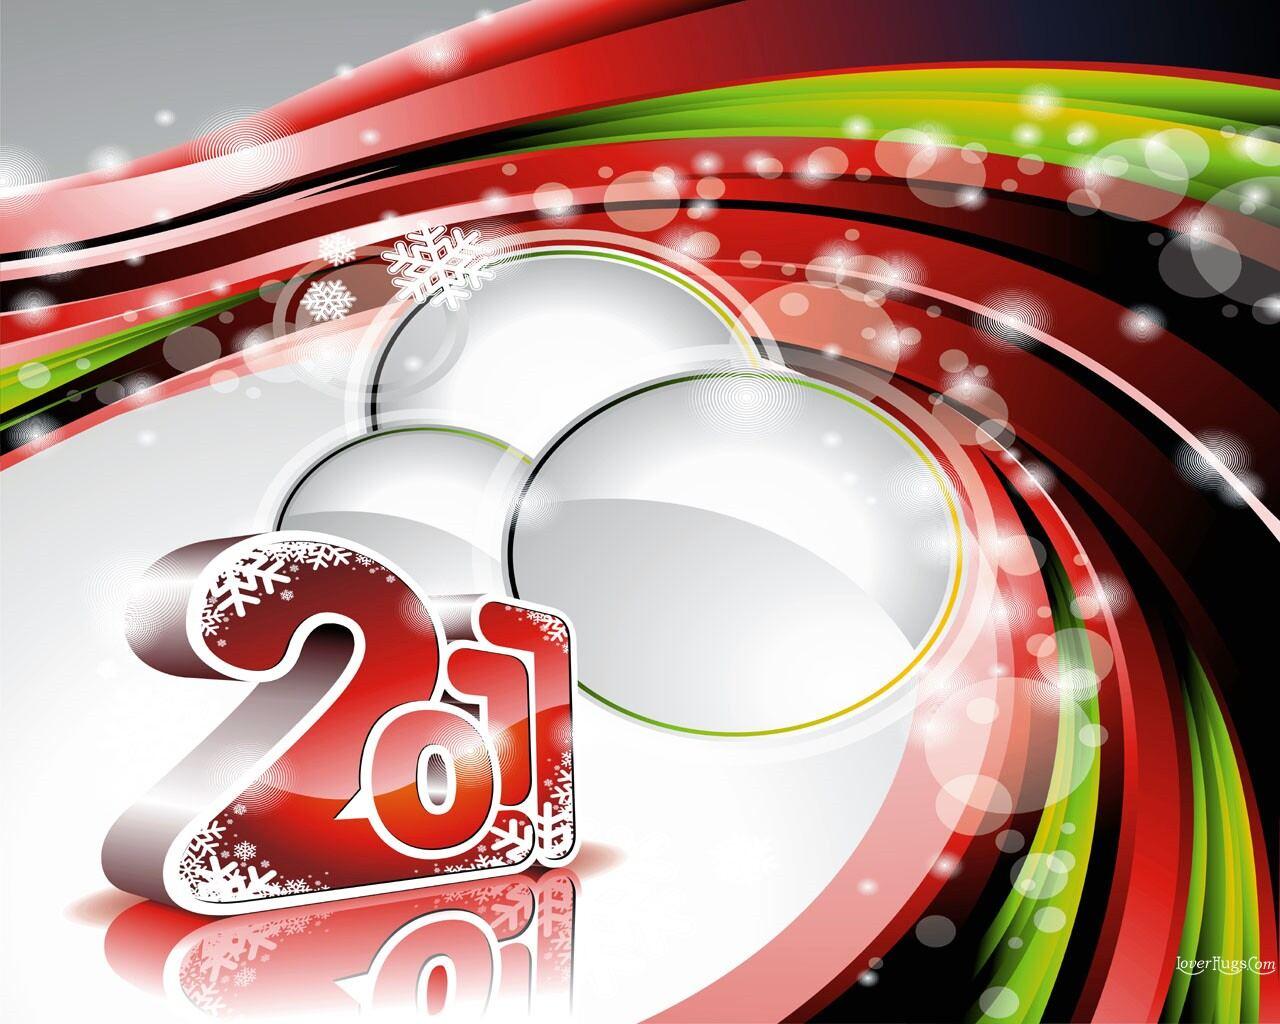 http://2.bp.blogspot.com/_PpiuL1xREts/TPzdzPMPDYI/AAAAAAAAGBU/Vg1O8glayVQ/s1600/Happy_New_Year_9999978.jpg